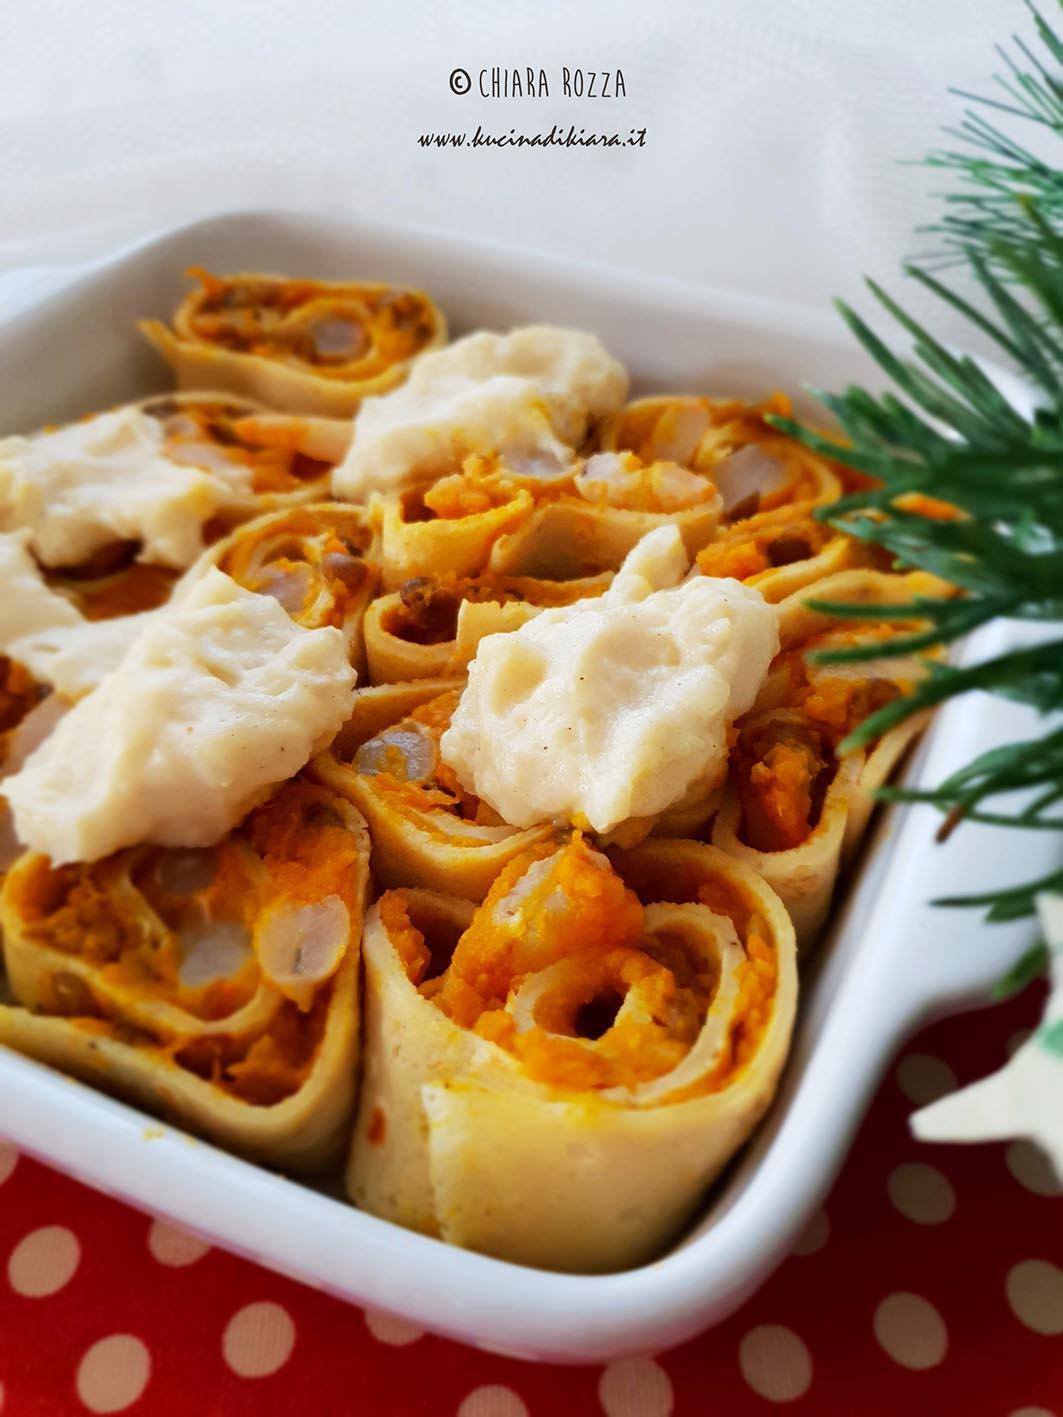 Cosa Cucinare Il 24 Dicembre crespelle al ragù di lenticchie e gamberi | kucina di kiara